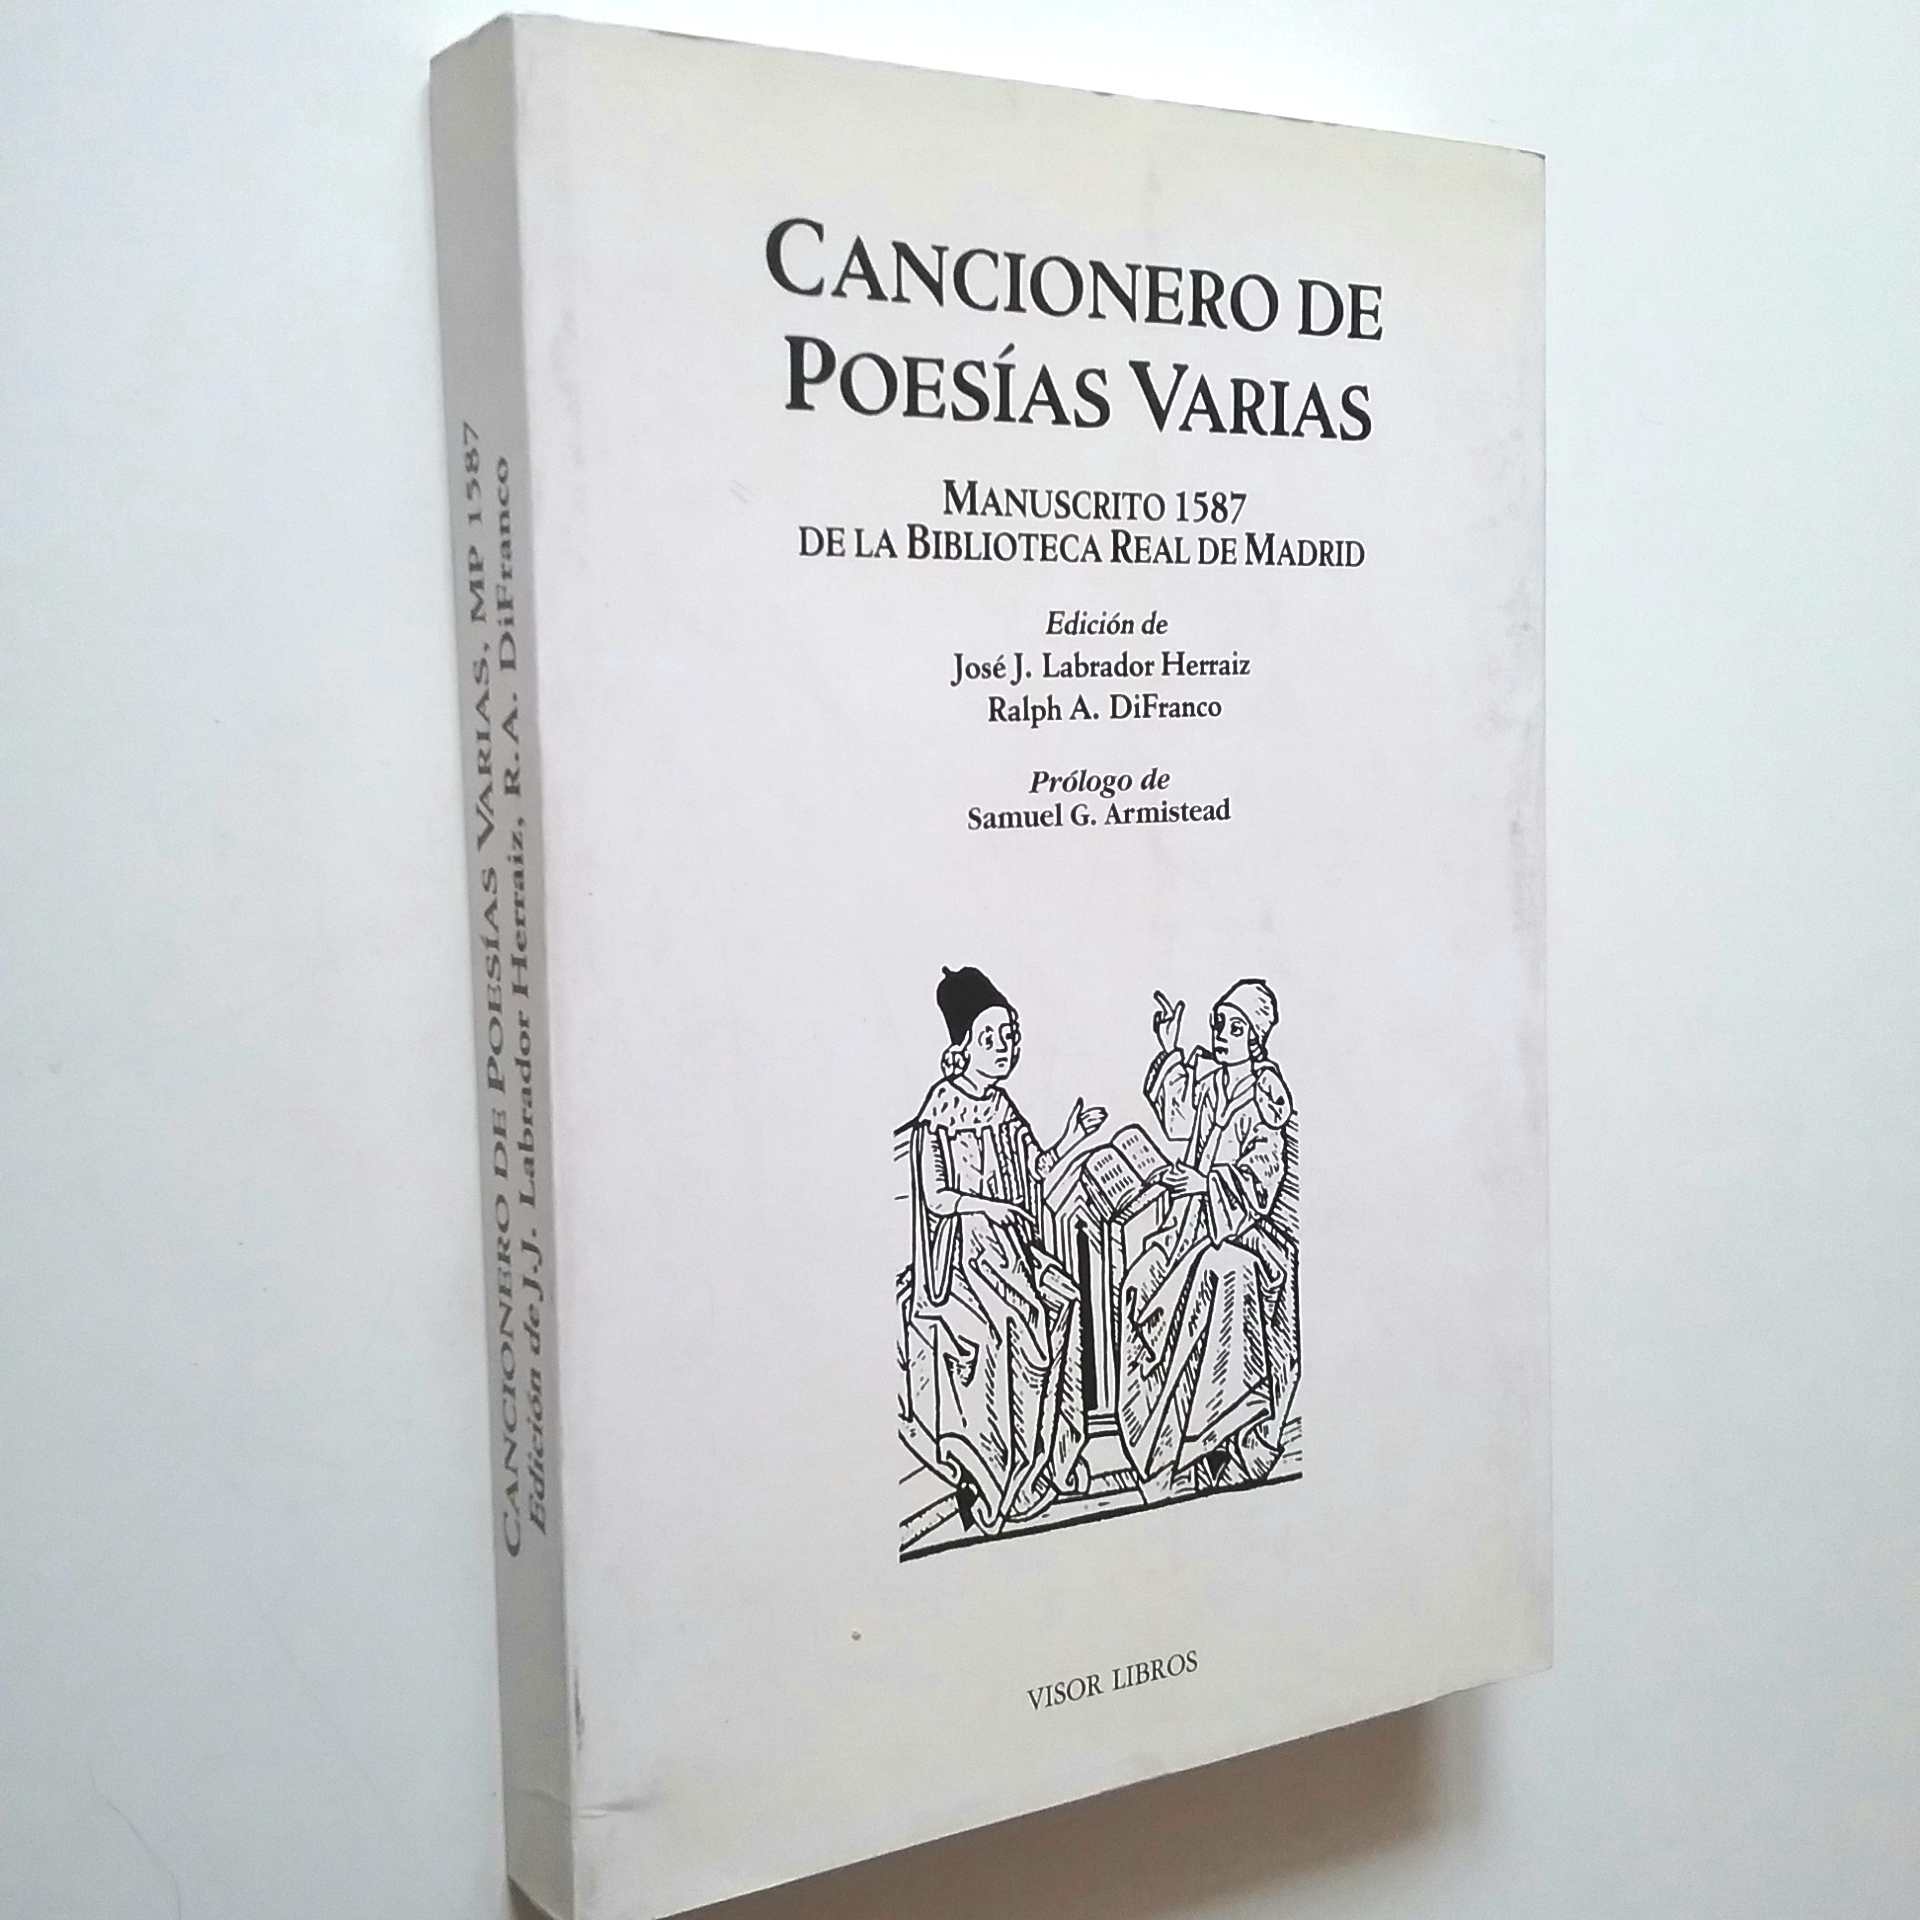 Cancionero de Poesías varias. Manuscrito 1587 de la Biblioteca Real de Madrid - VV. AA. (Edición de José J. Labrador Herraiz y Ralph A. DiFranco. Prólogo de Samuel G. Armistead)